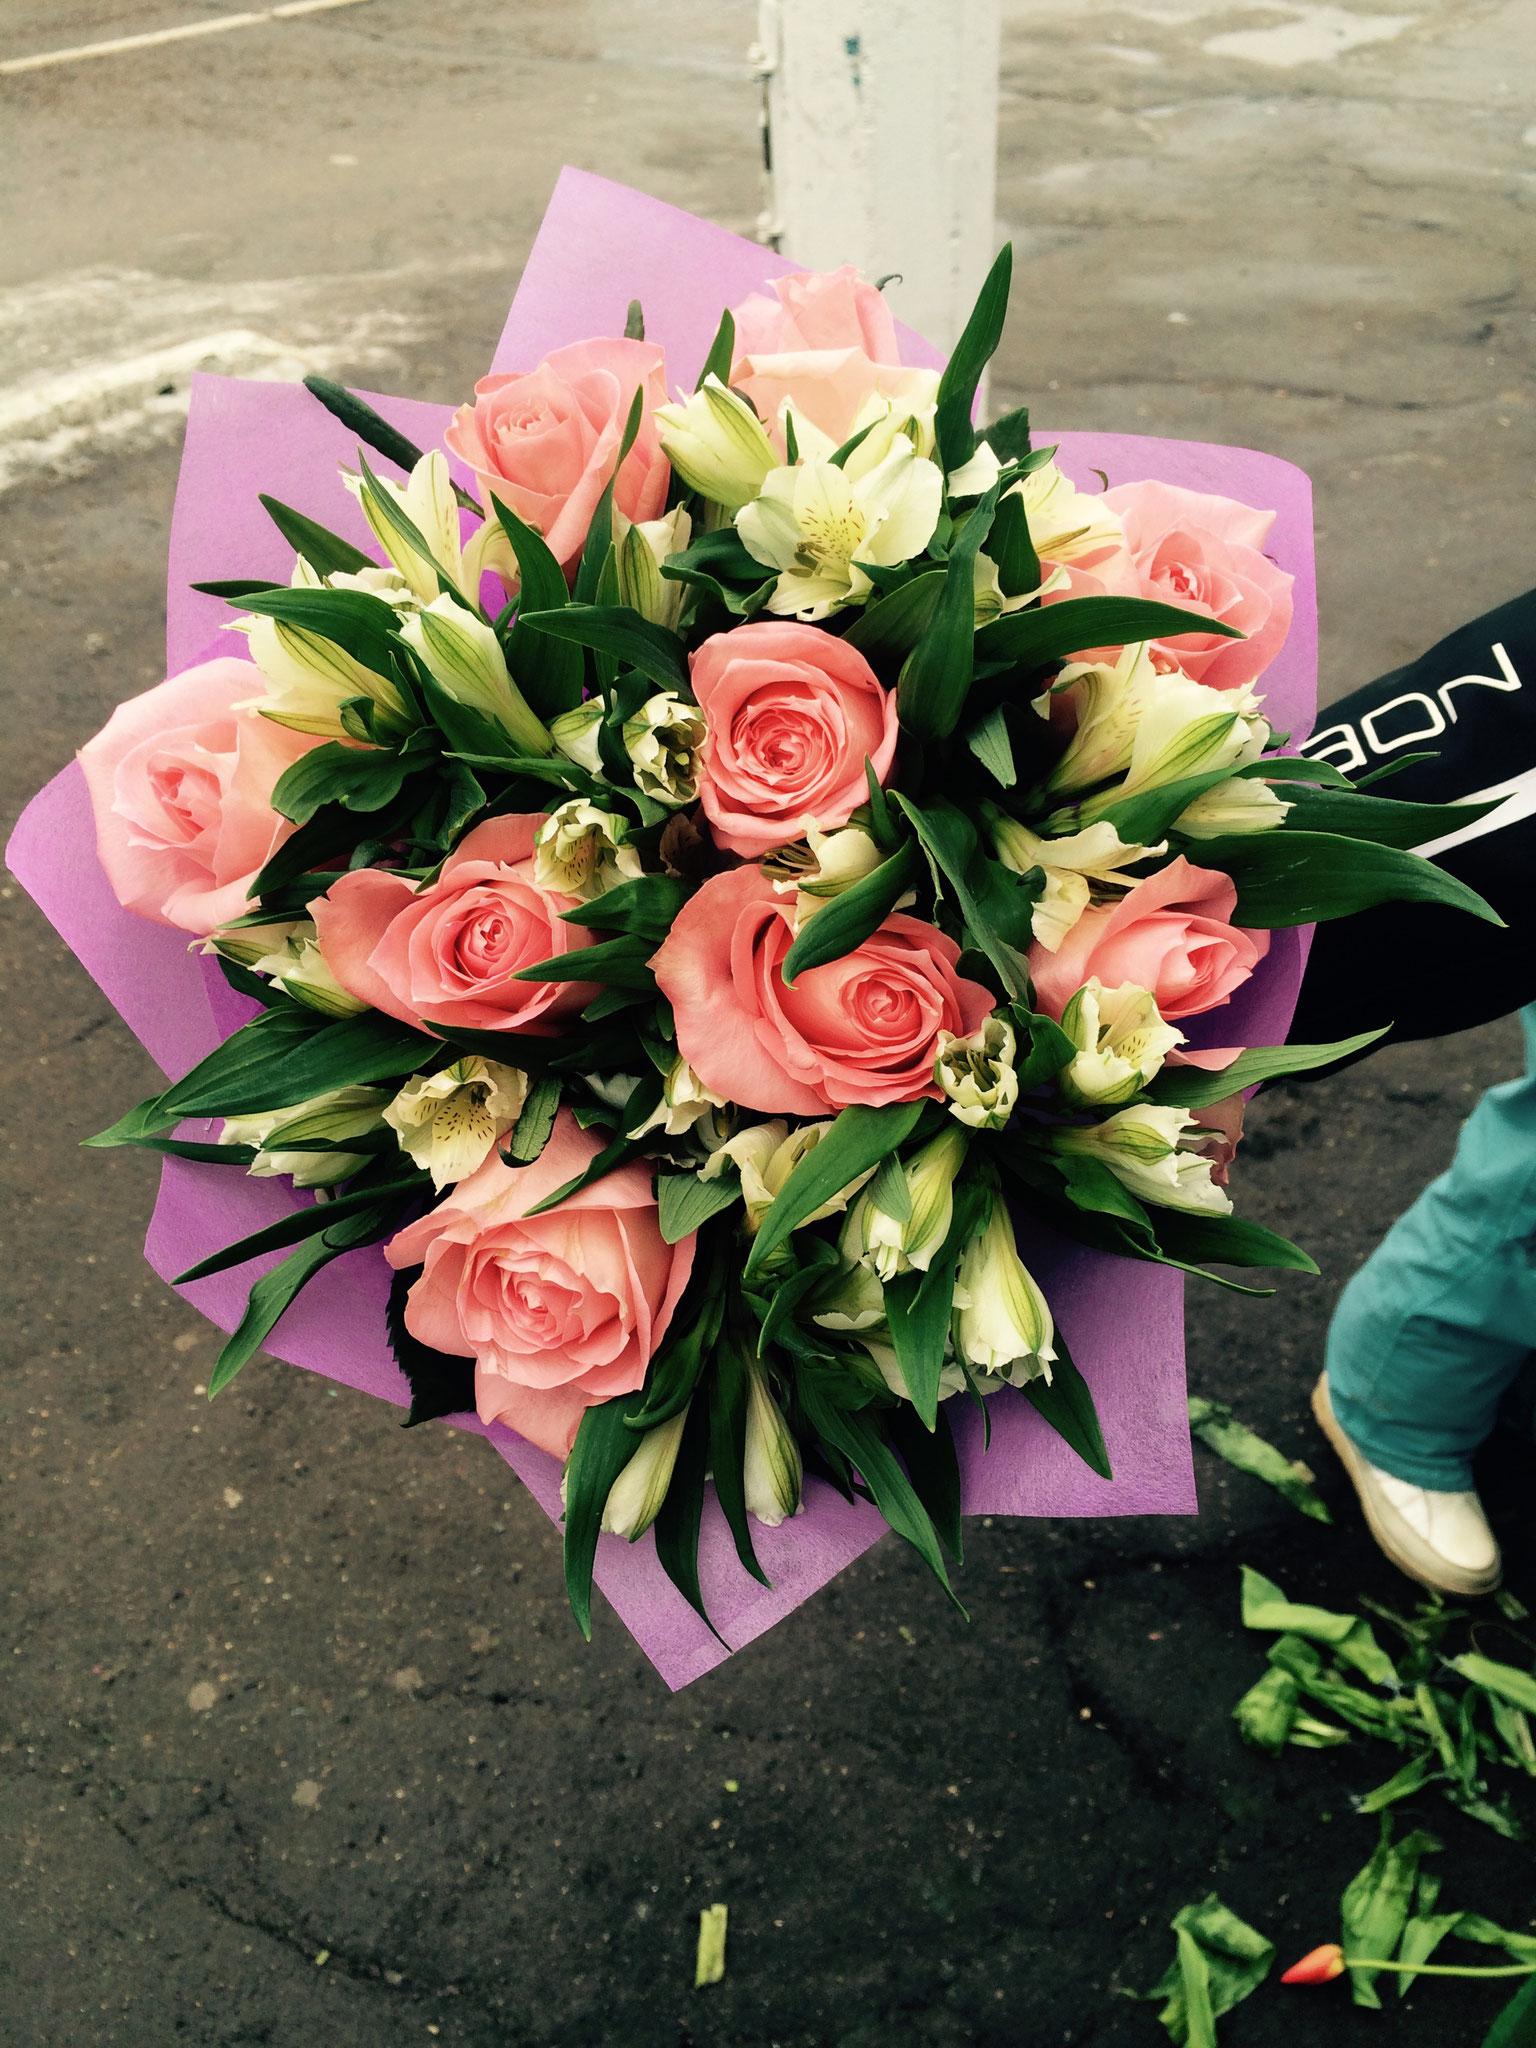 Купить цветы в красногорске в розницу дешево